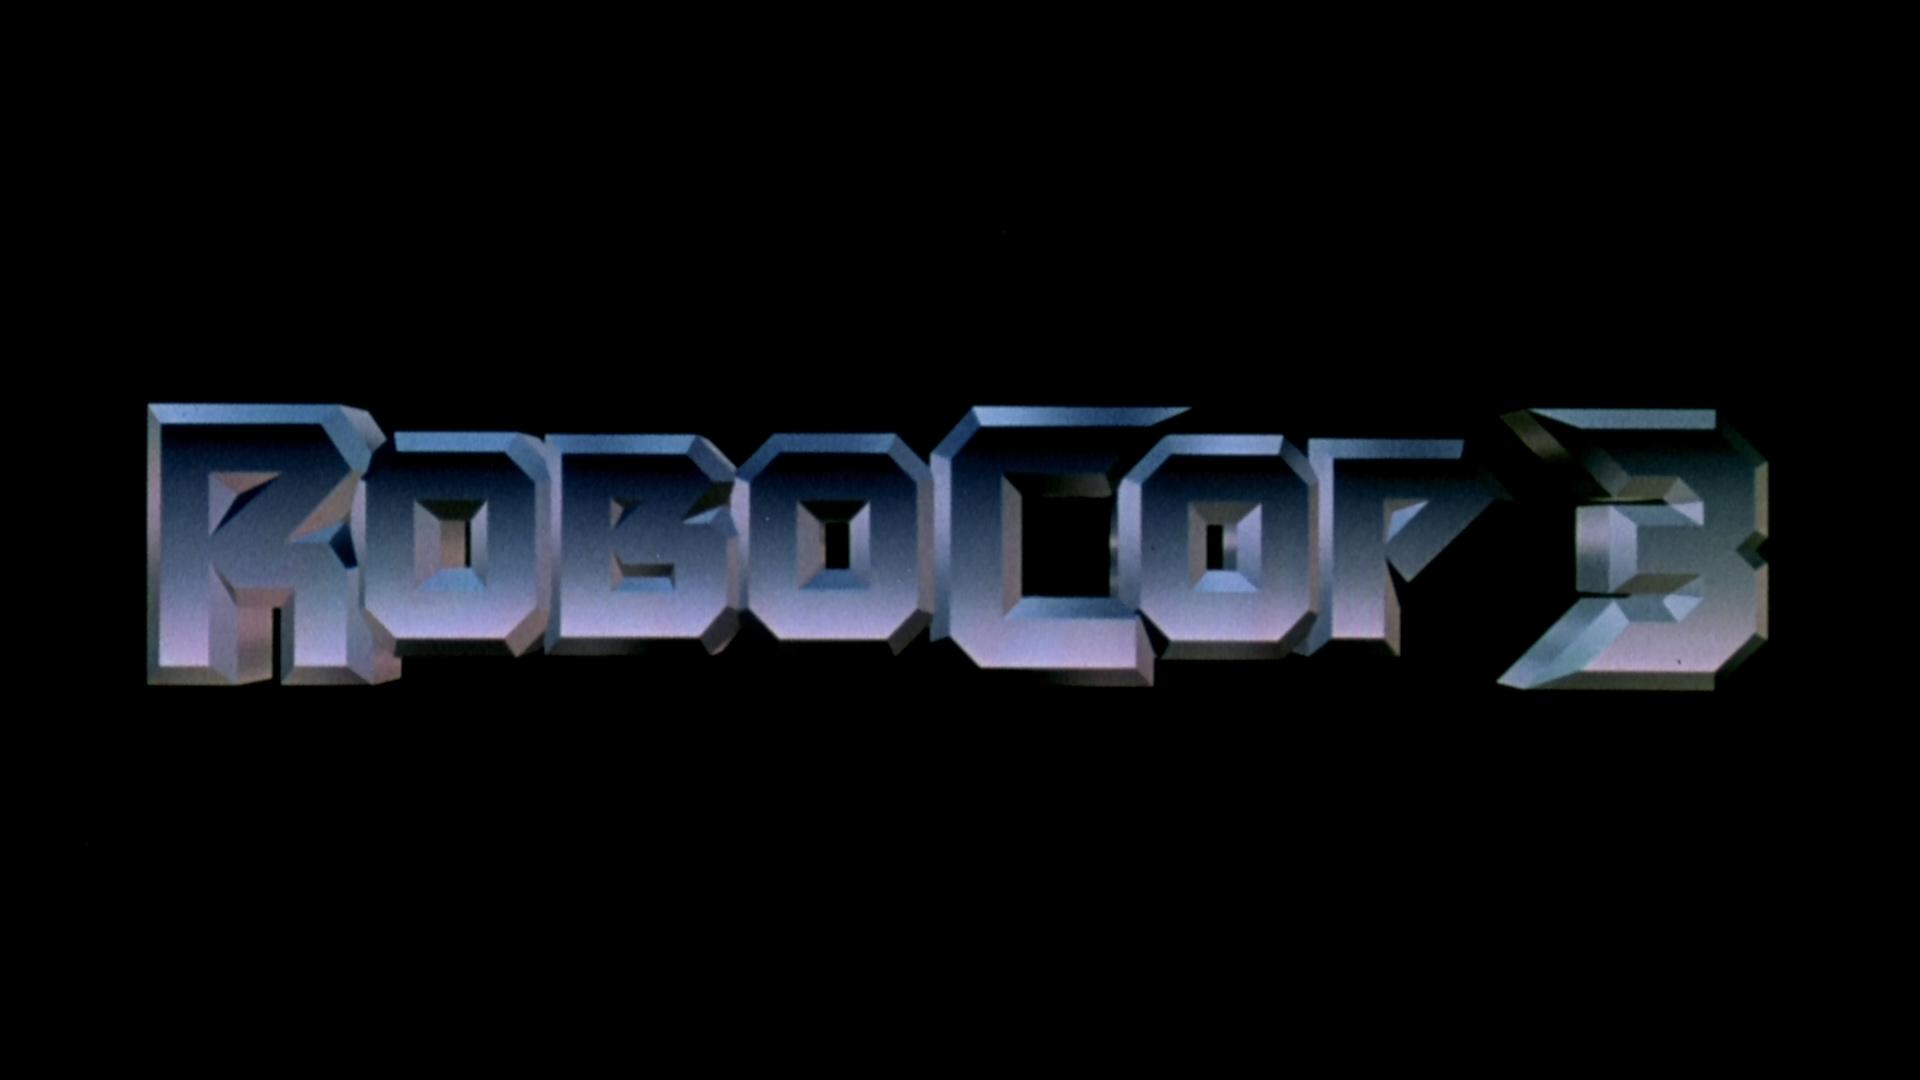 Robocop 3 (film)